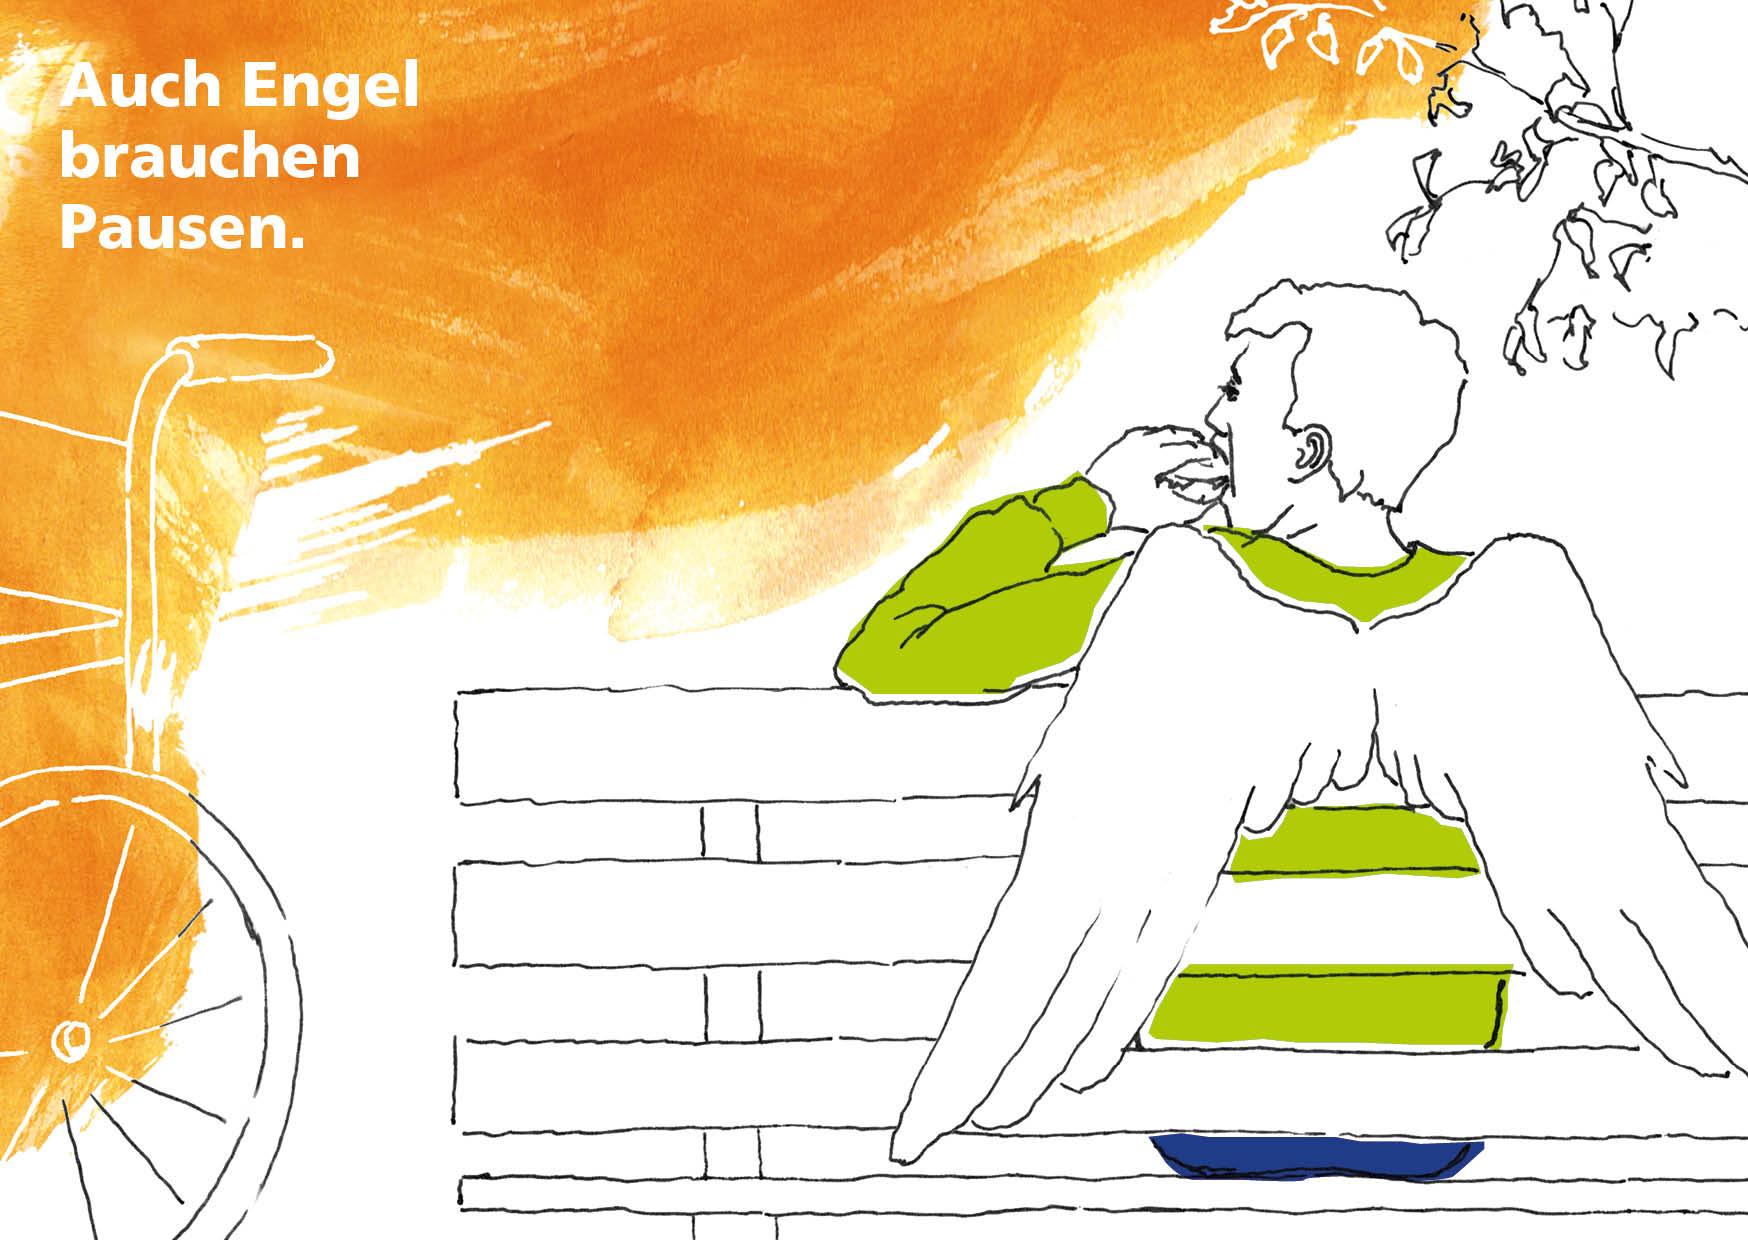 160901_verdi_NRW_Postkarten_Engel brauchen_03